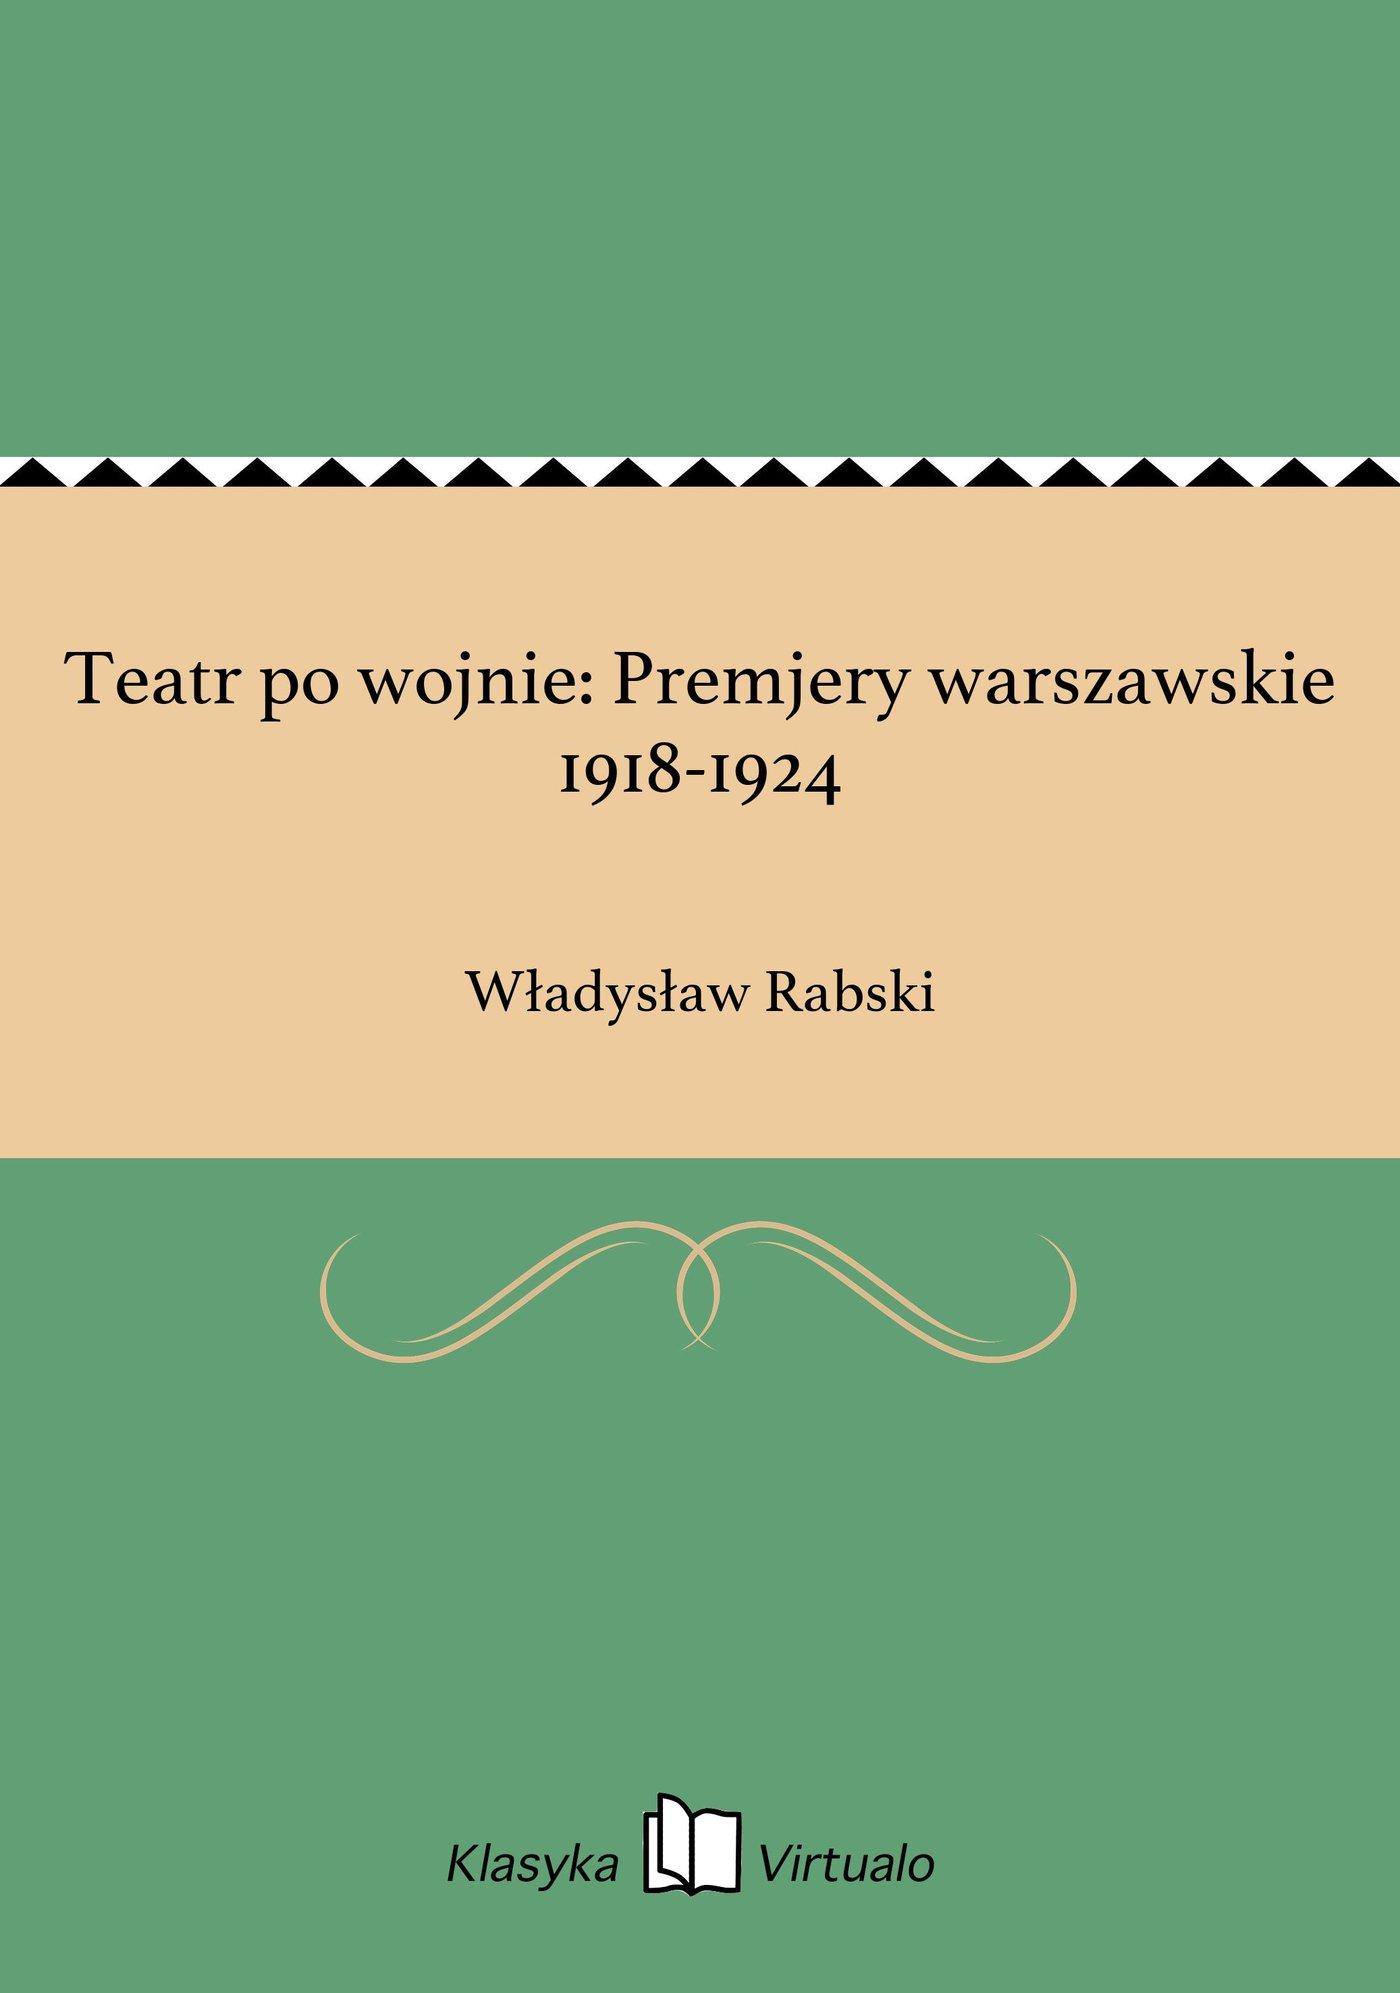 Teatr po wojnie: Premjery warszawskie 1918-1924 - Ebook (Książka na Kindle) do pobrania w formacie MOBI